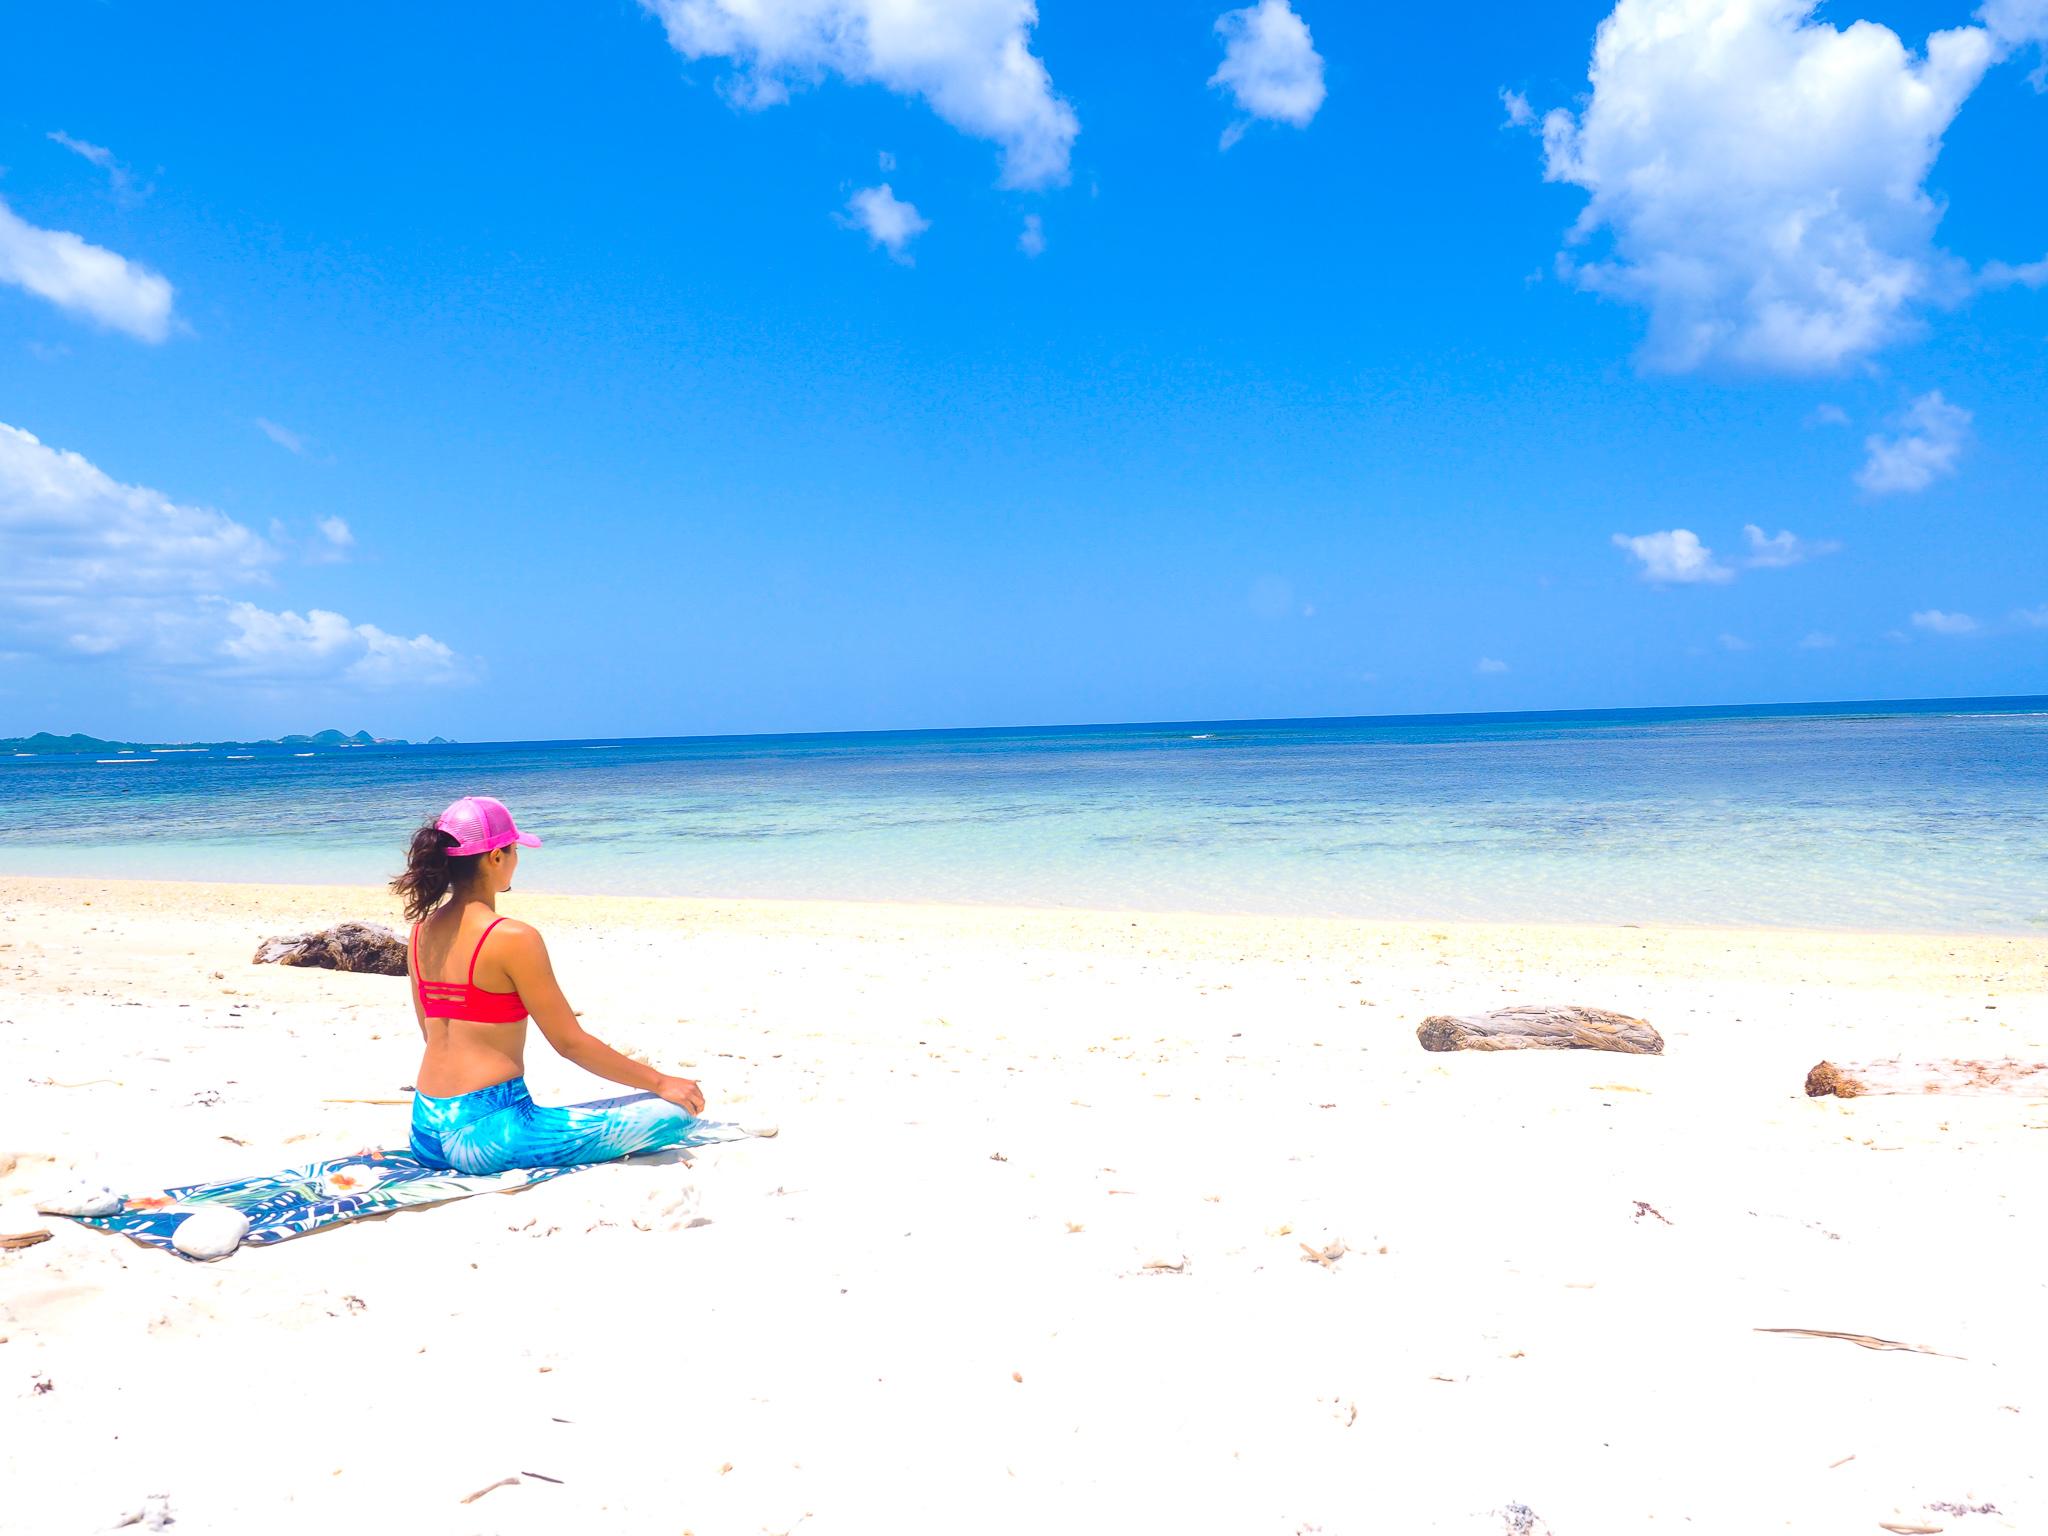 6月の石垣島ビーチでヨガをする女性